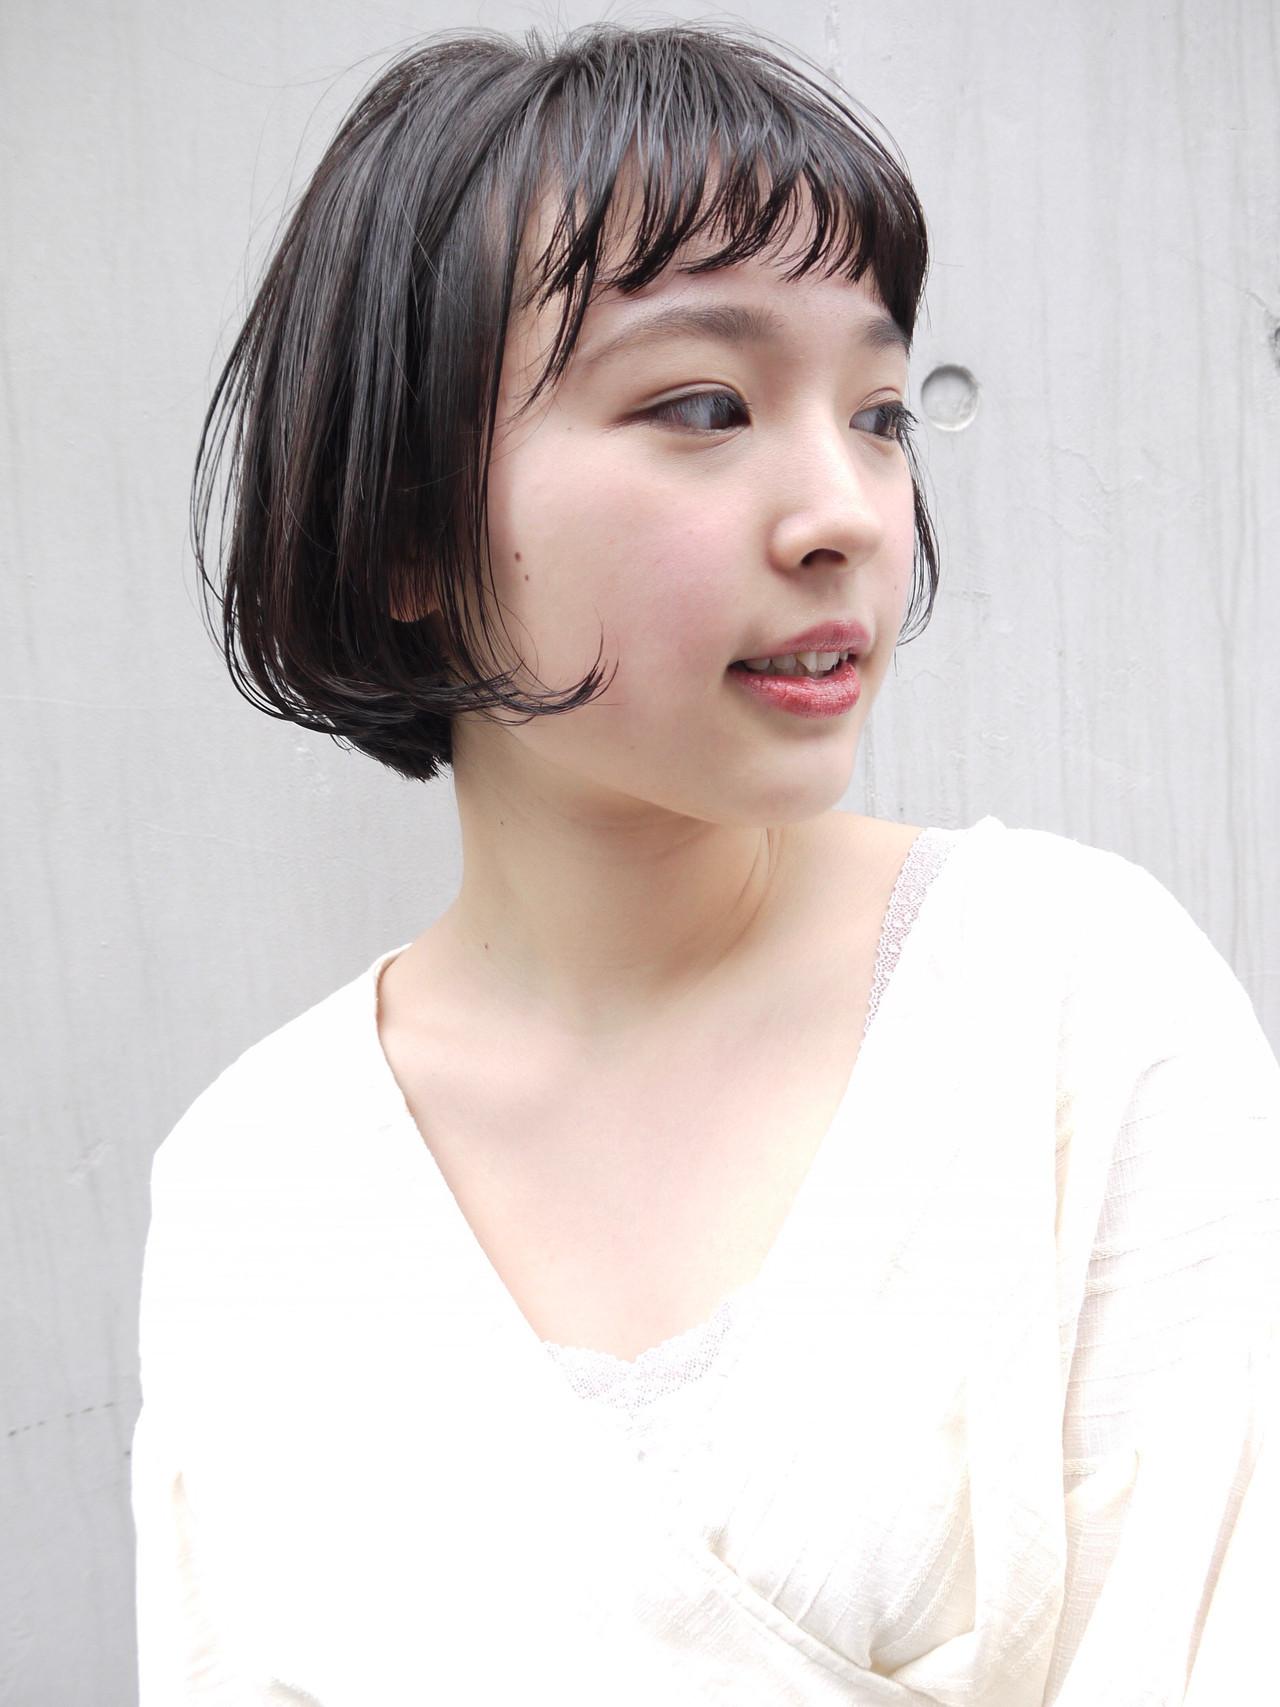 黒髪 ショート デート ガーリー ヘアスタイルや髪型の写真・画像